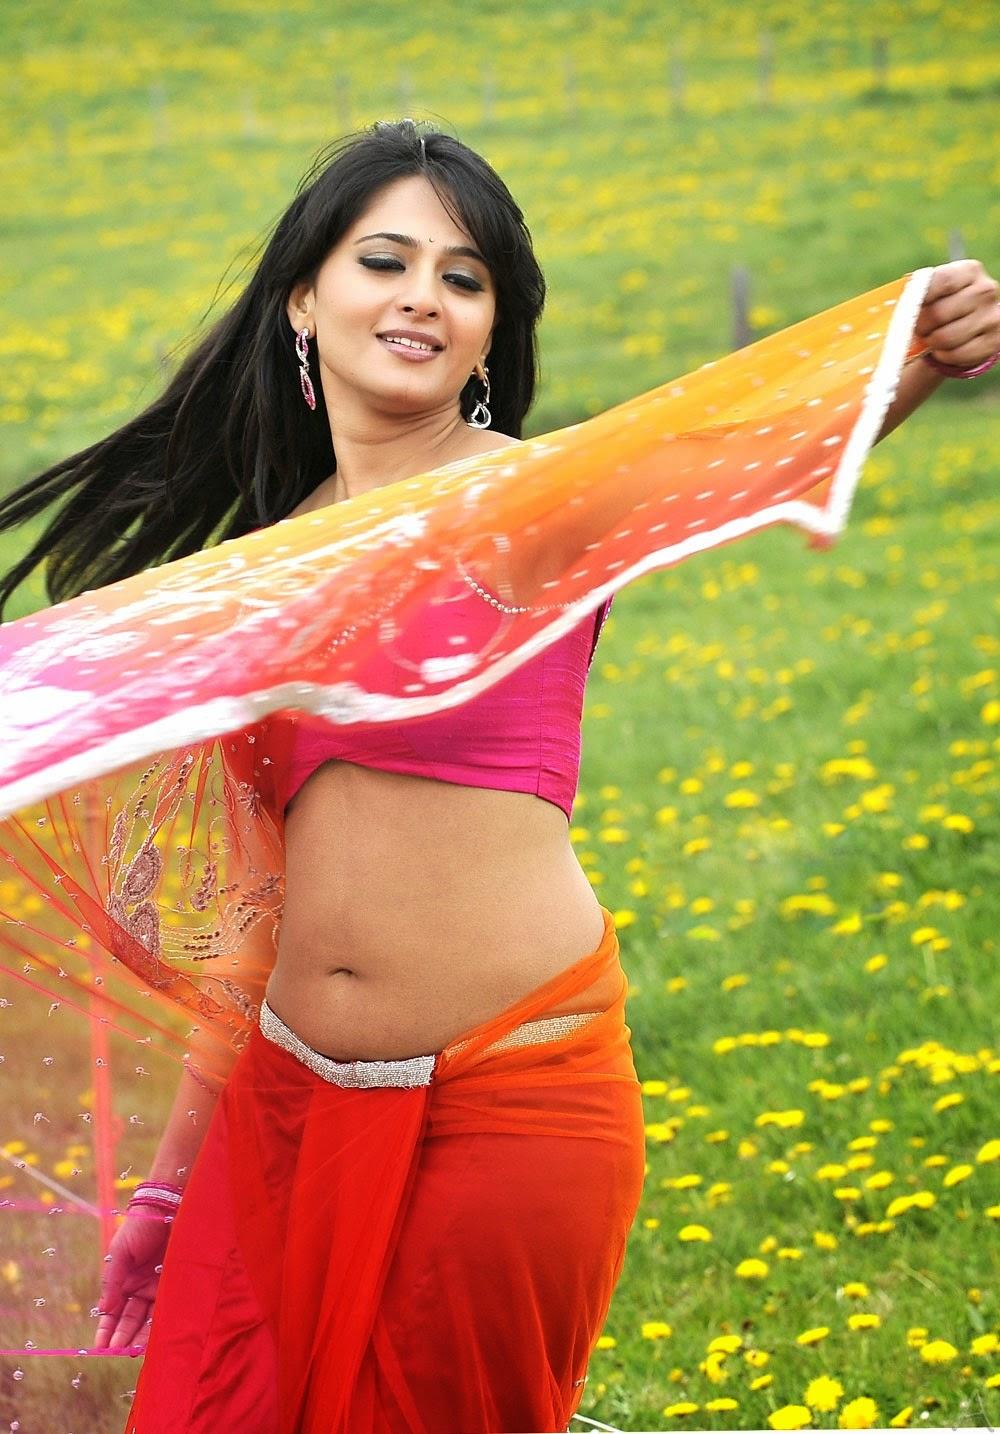 anushka shetty hot saree images